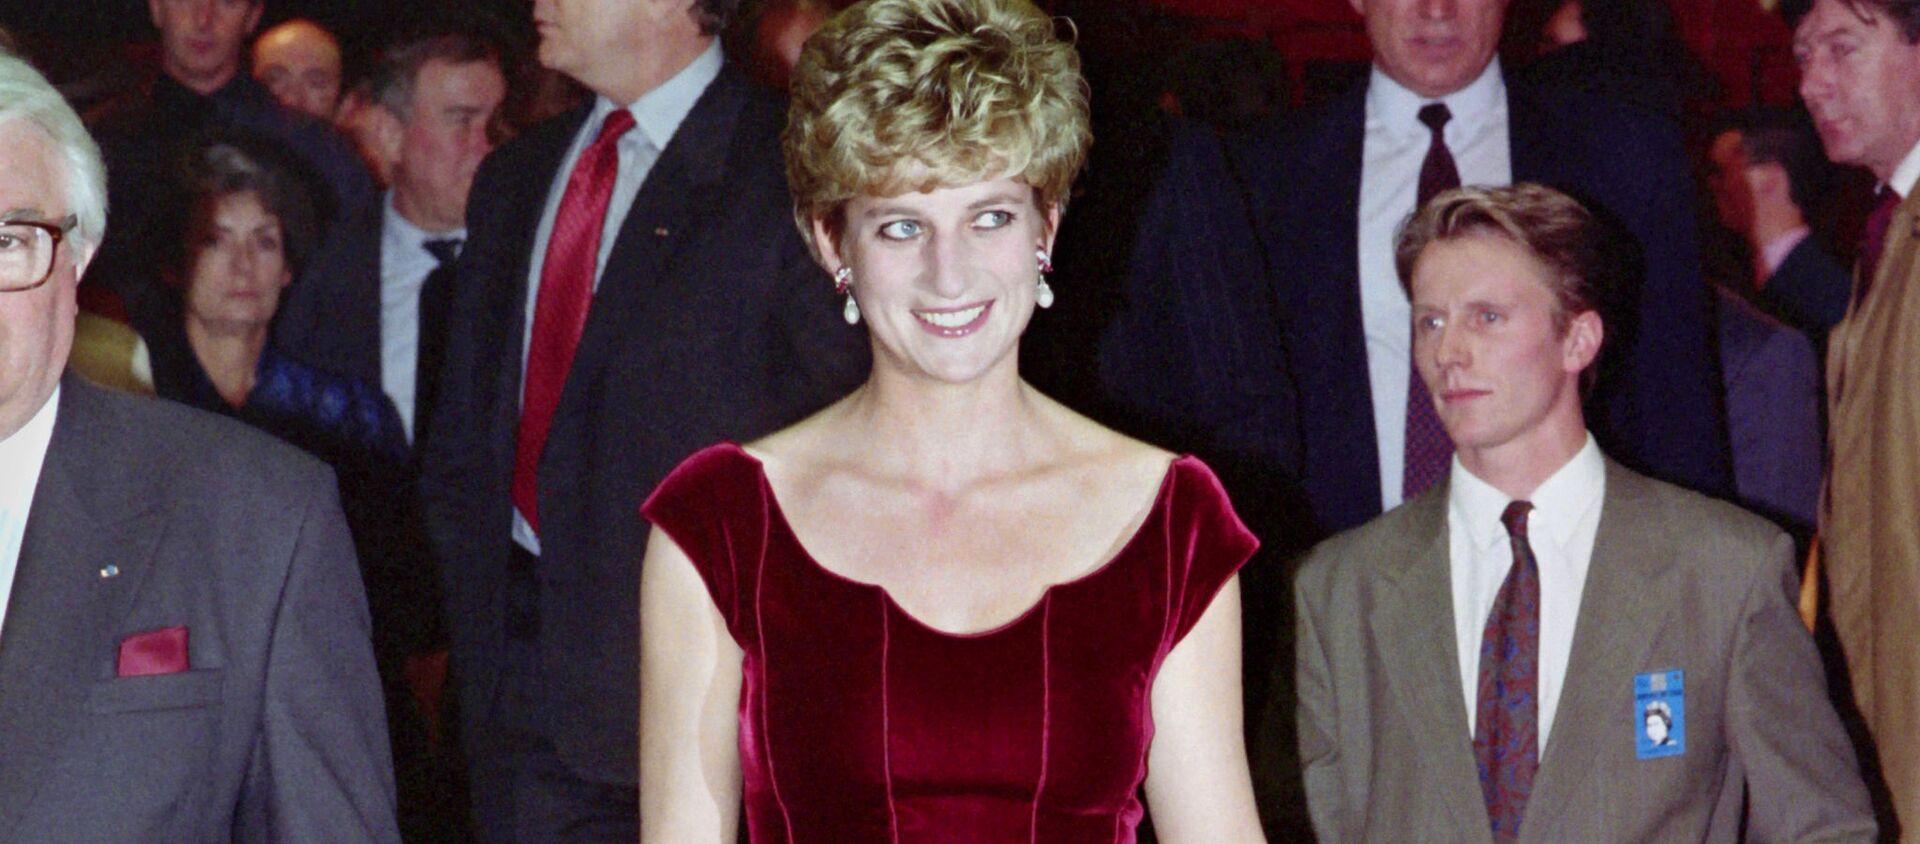 Принцесса Диана перед открытием оратории Пола Маккартни «Ливерпуль» в Конгресс-зале Лилля, 1992 год - Sputnik Mundo, 1920, 10.01.2021